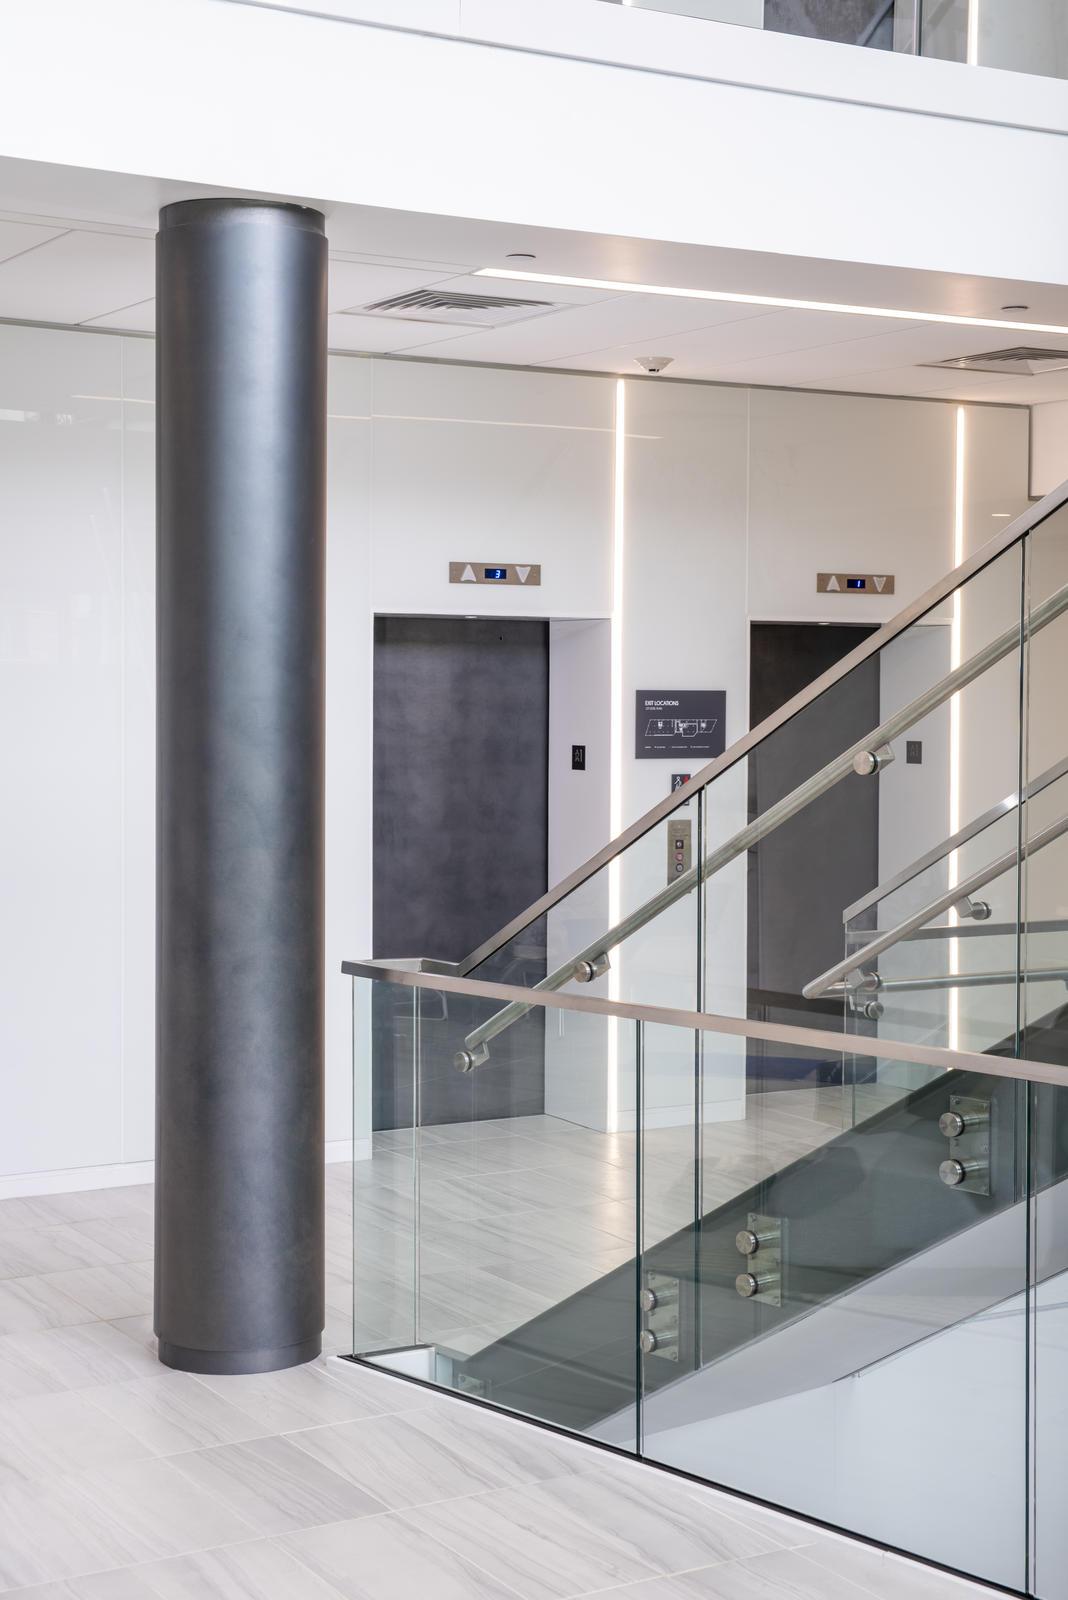 Elevator Doors in Elemental Carbon